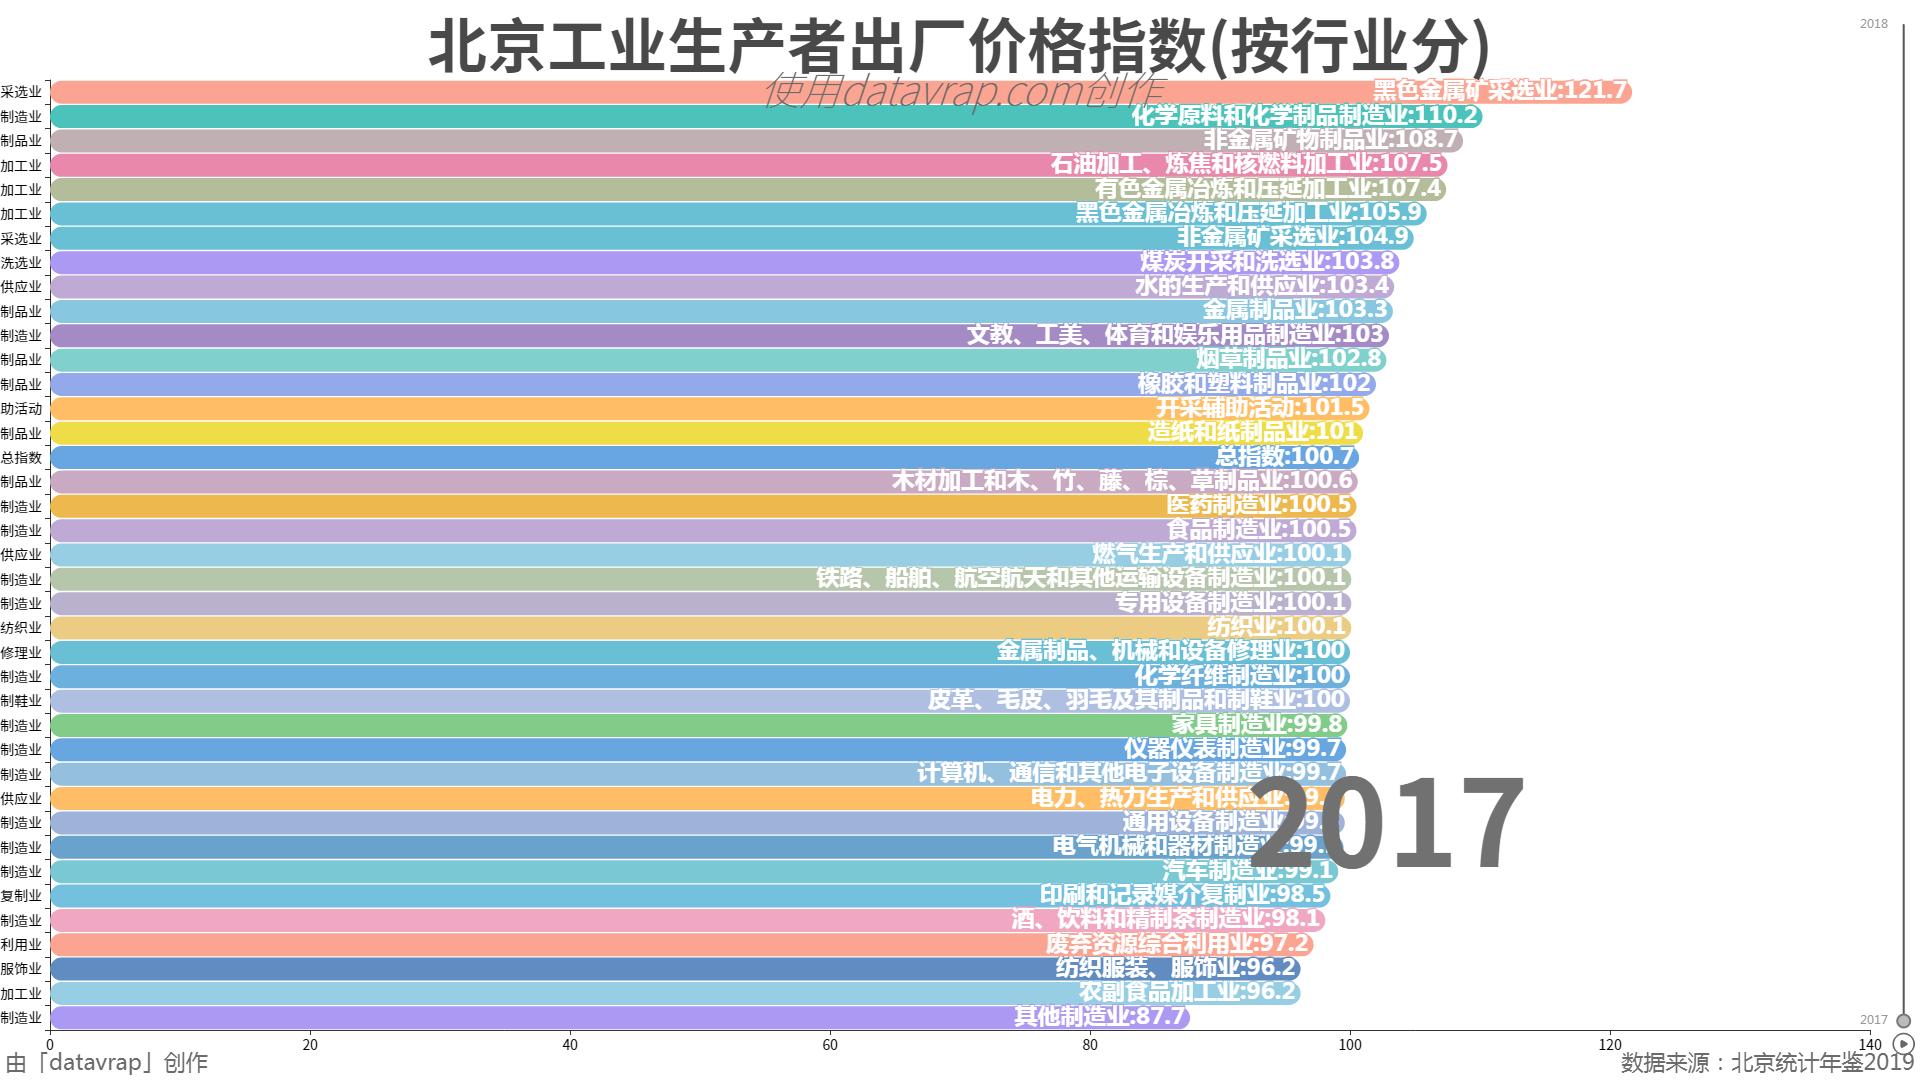 北京工业生产者出厂价格指数(按行业分)